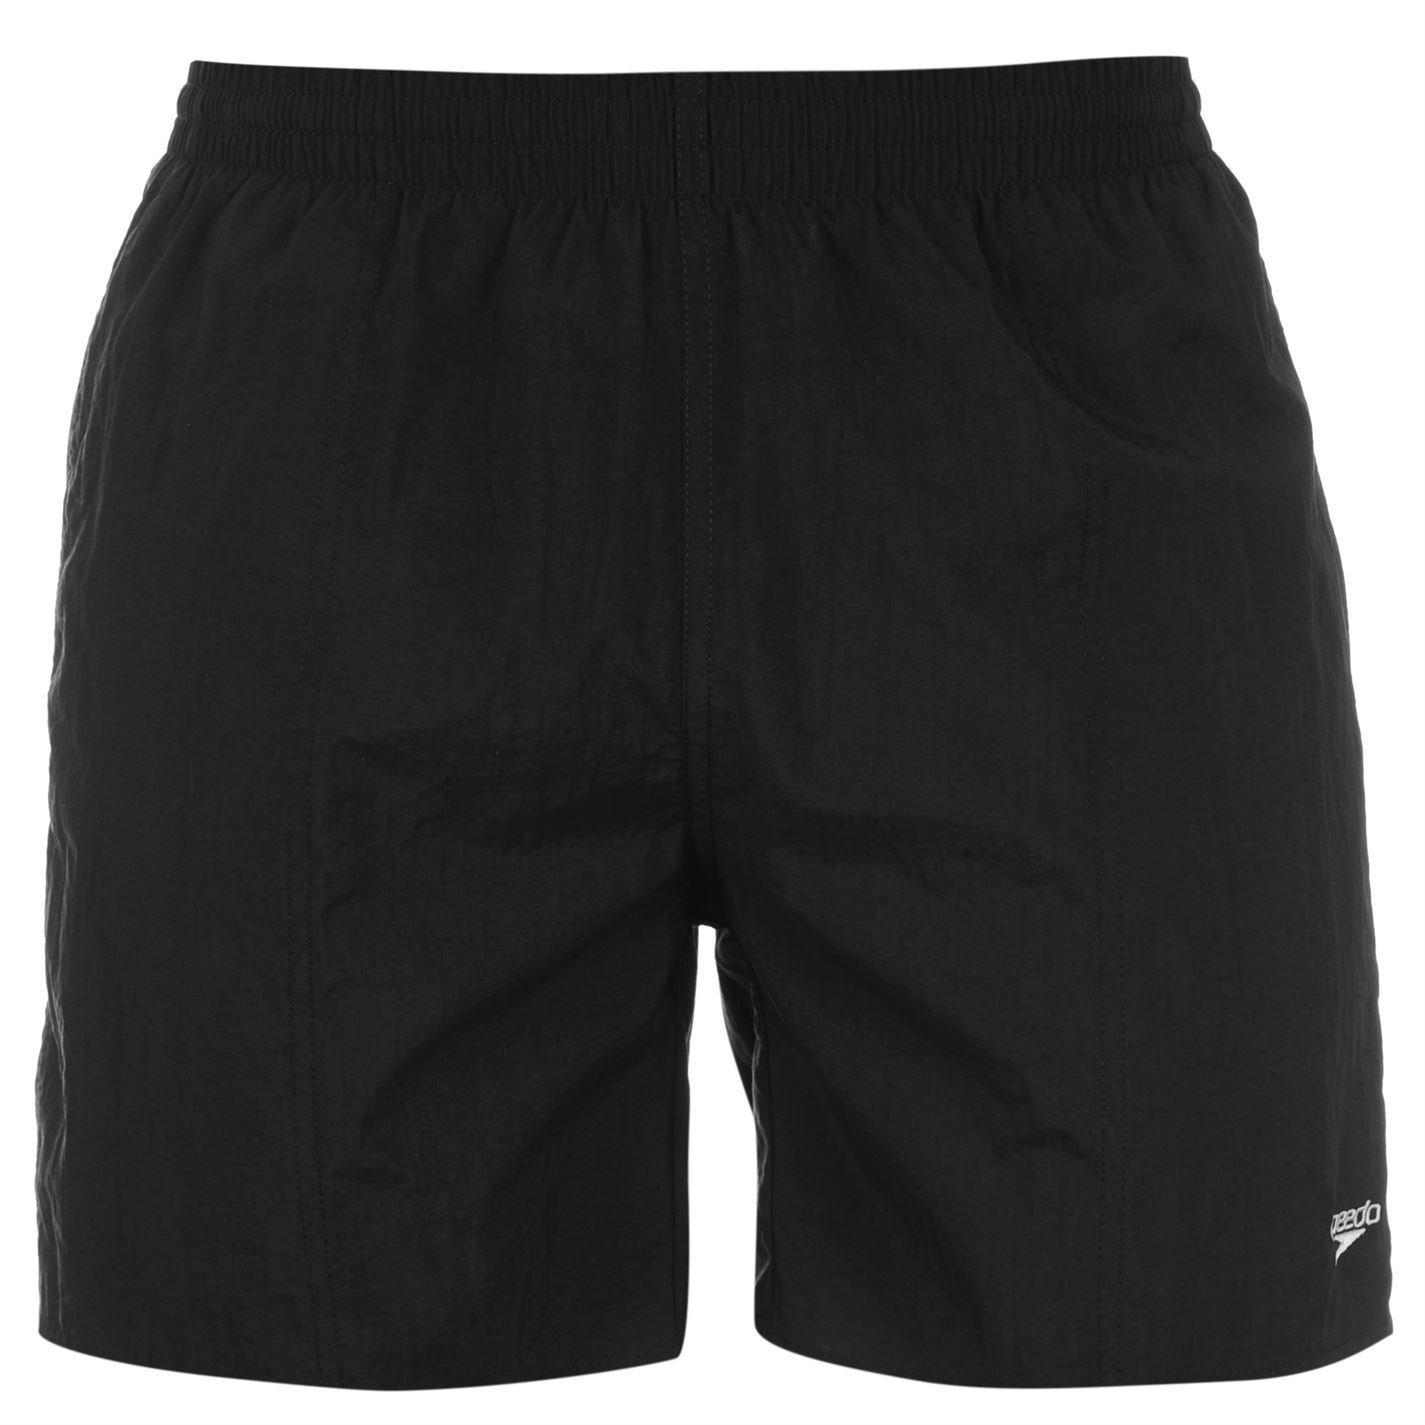 Speedo New Leisure Shorts Swim Watershorts Quick Dry Mens Swimming Pool Shorts